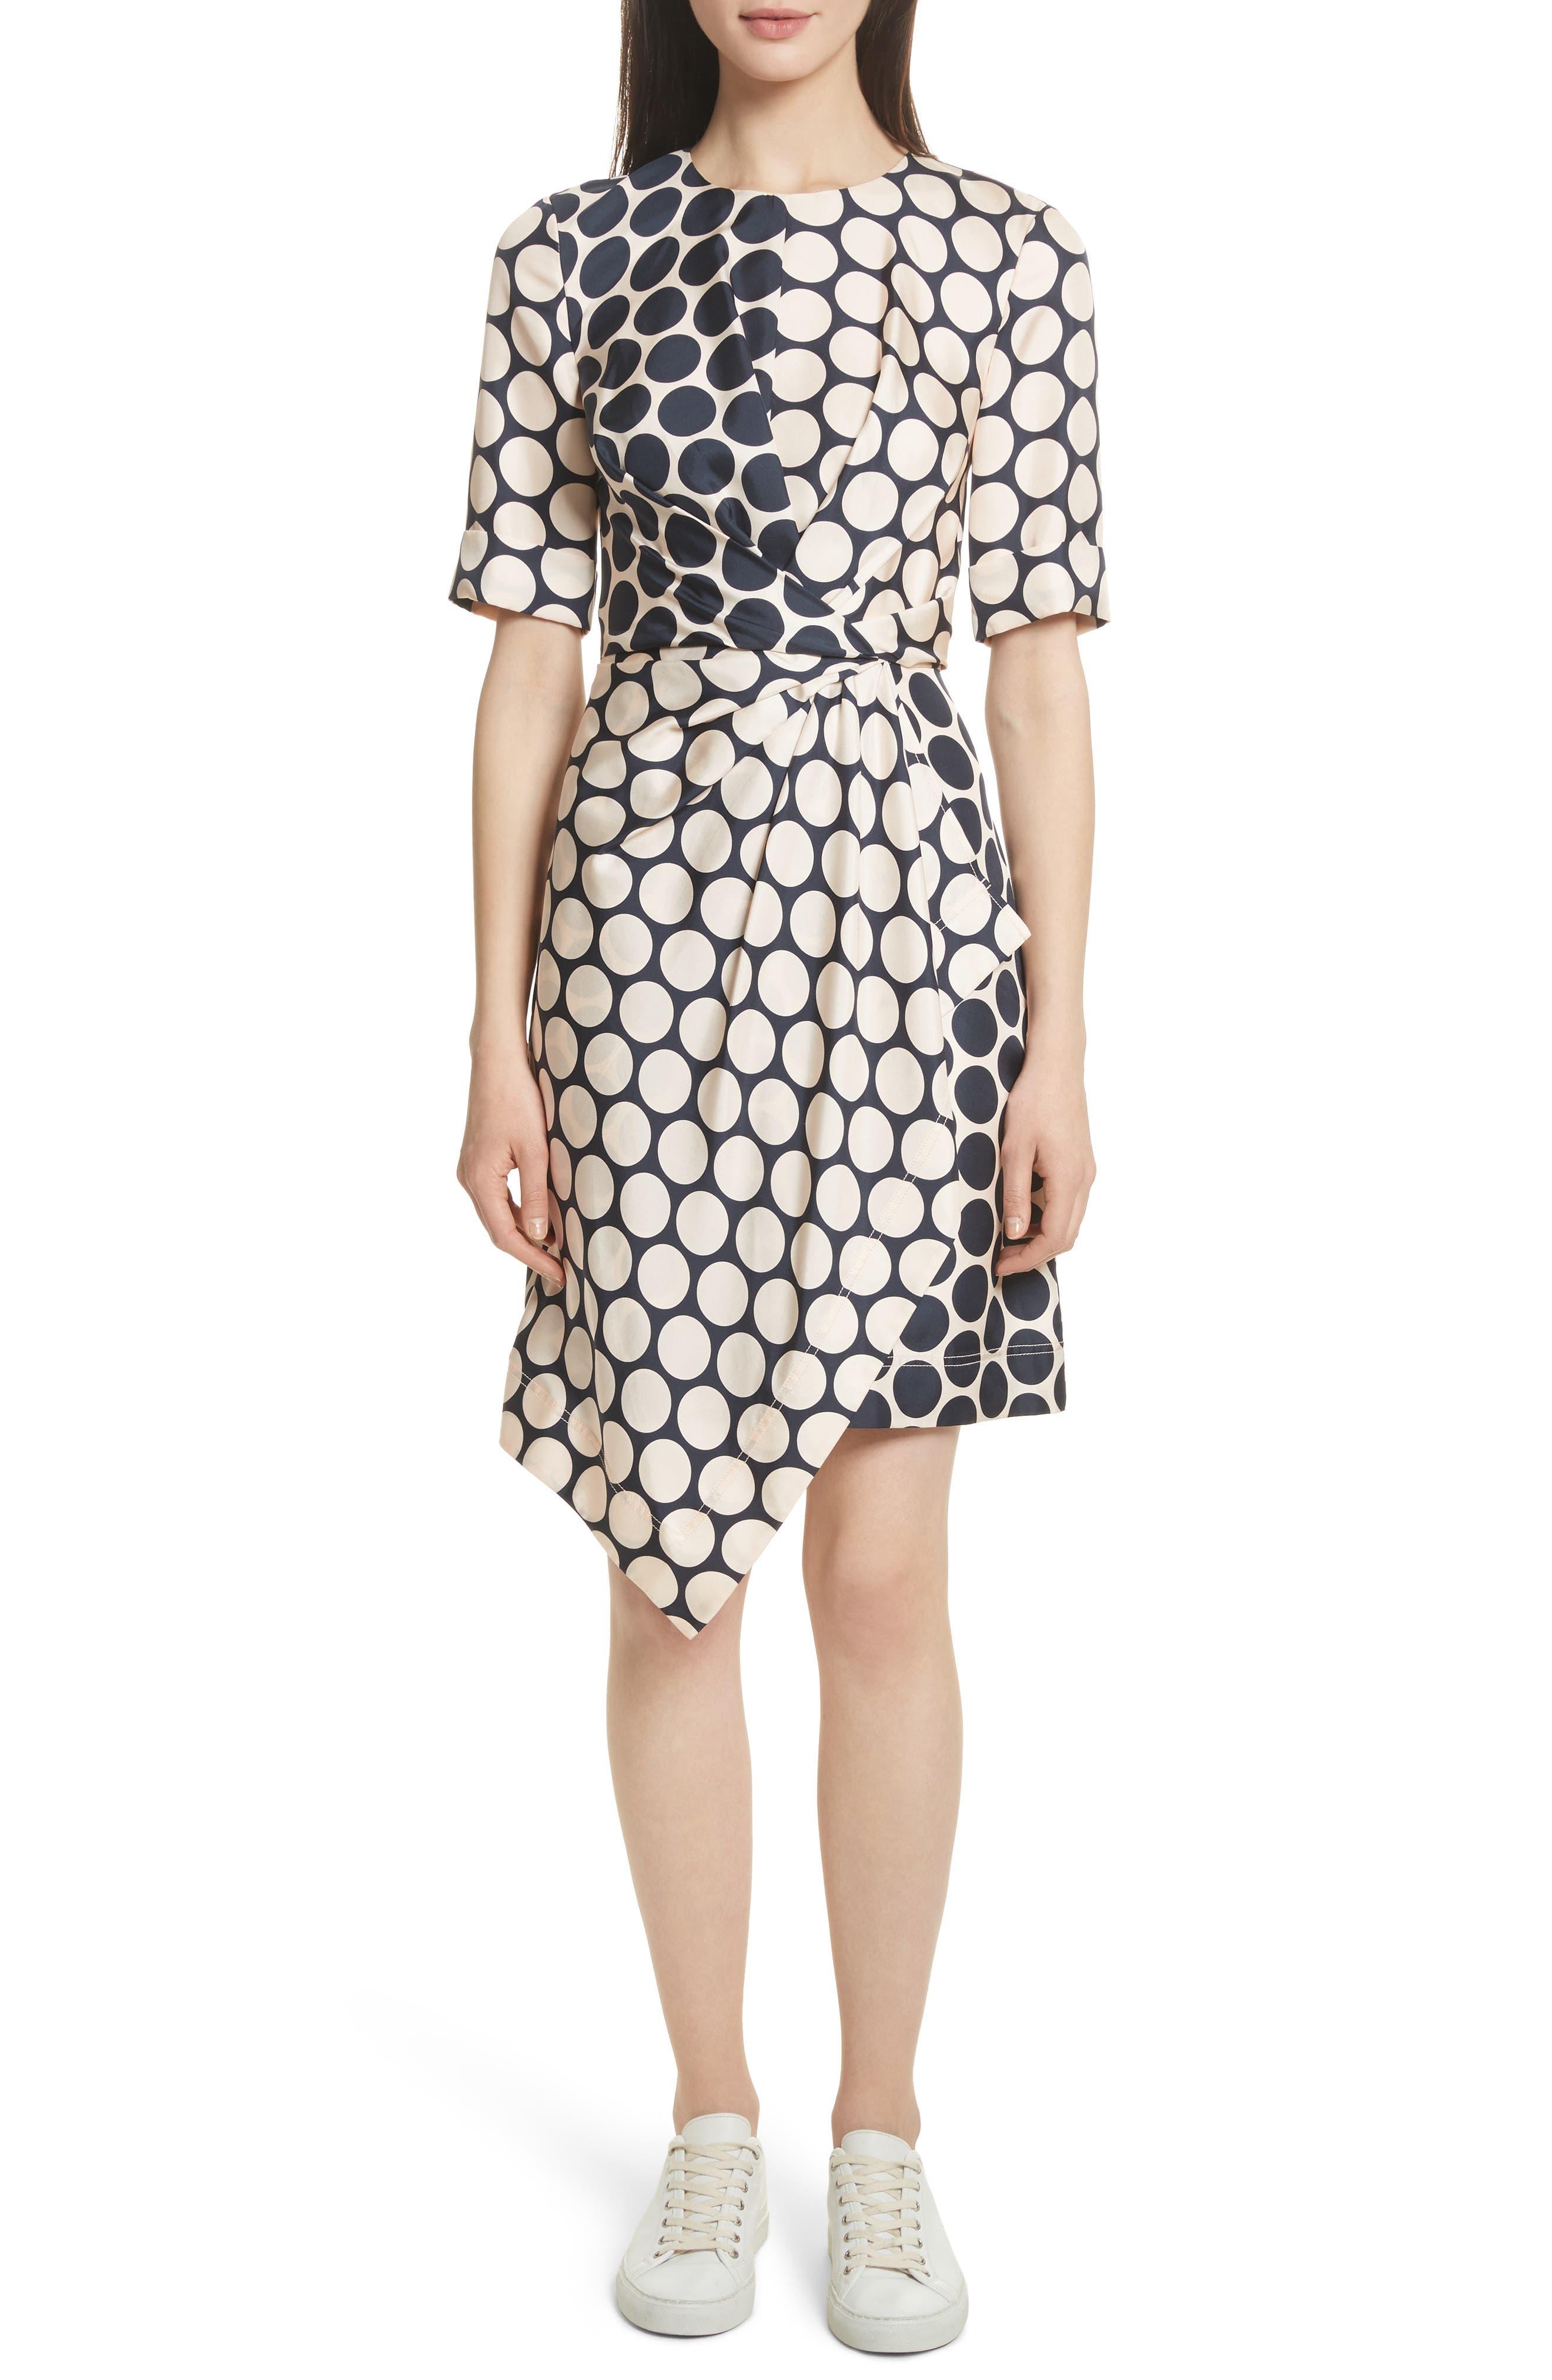 GREY Jason Wu Polka Dot Silk Dress